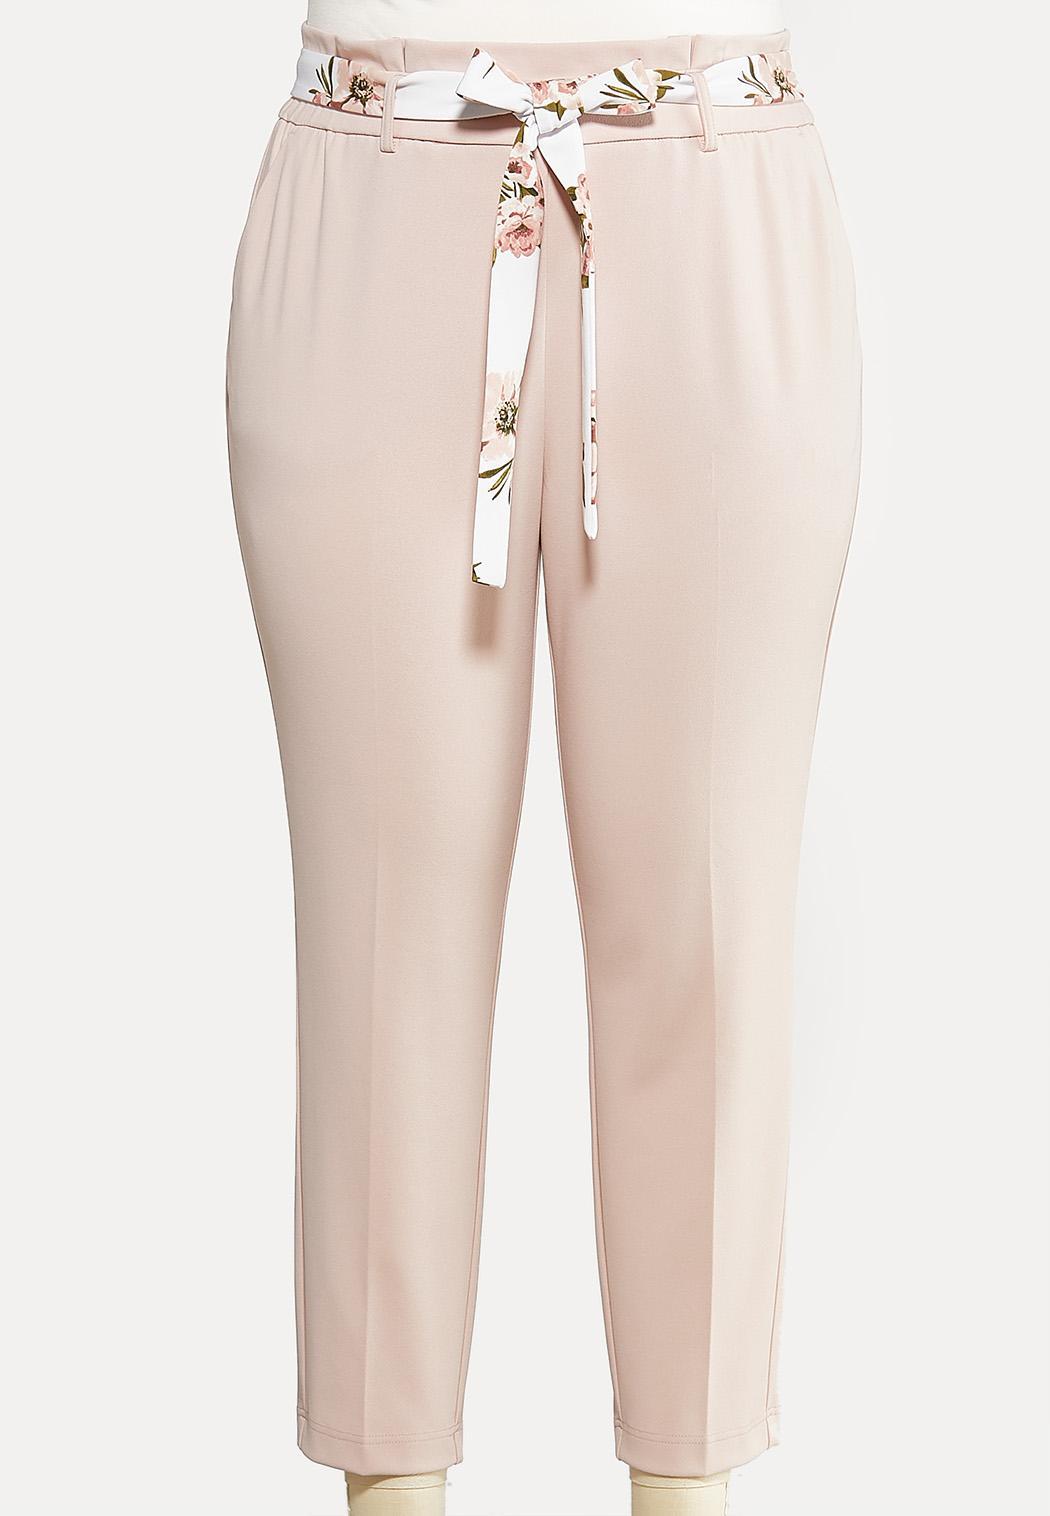 Plus Size Floral Belt Pants